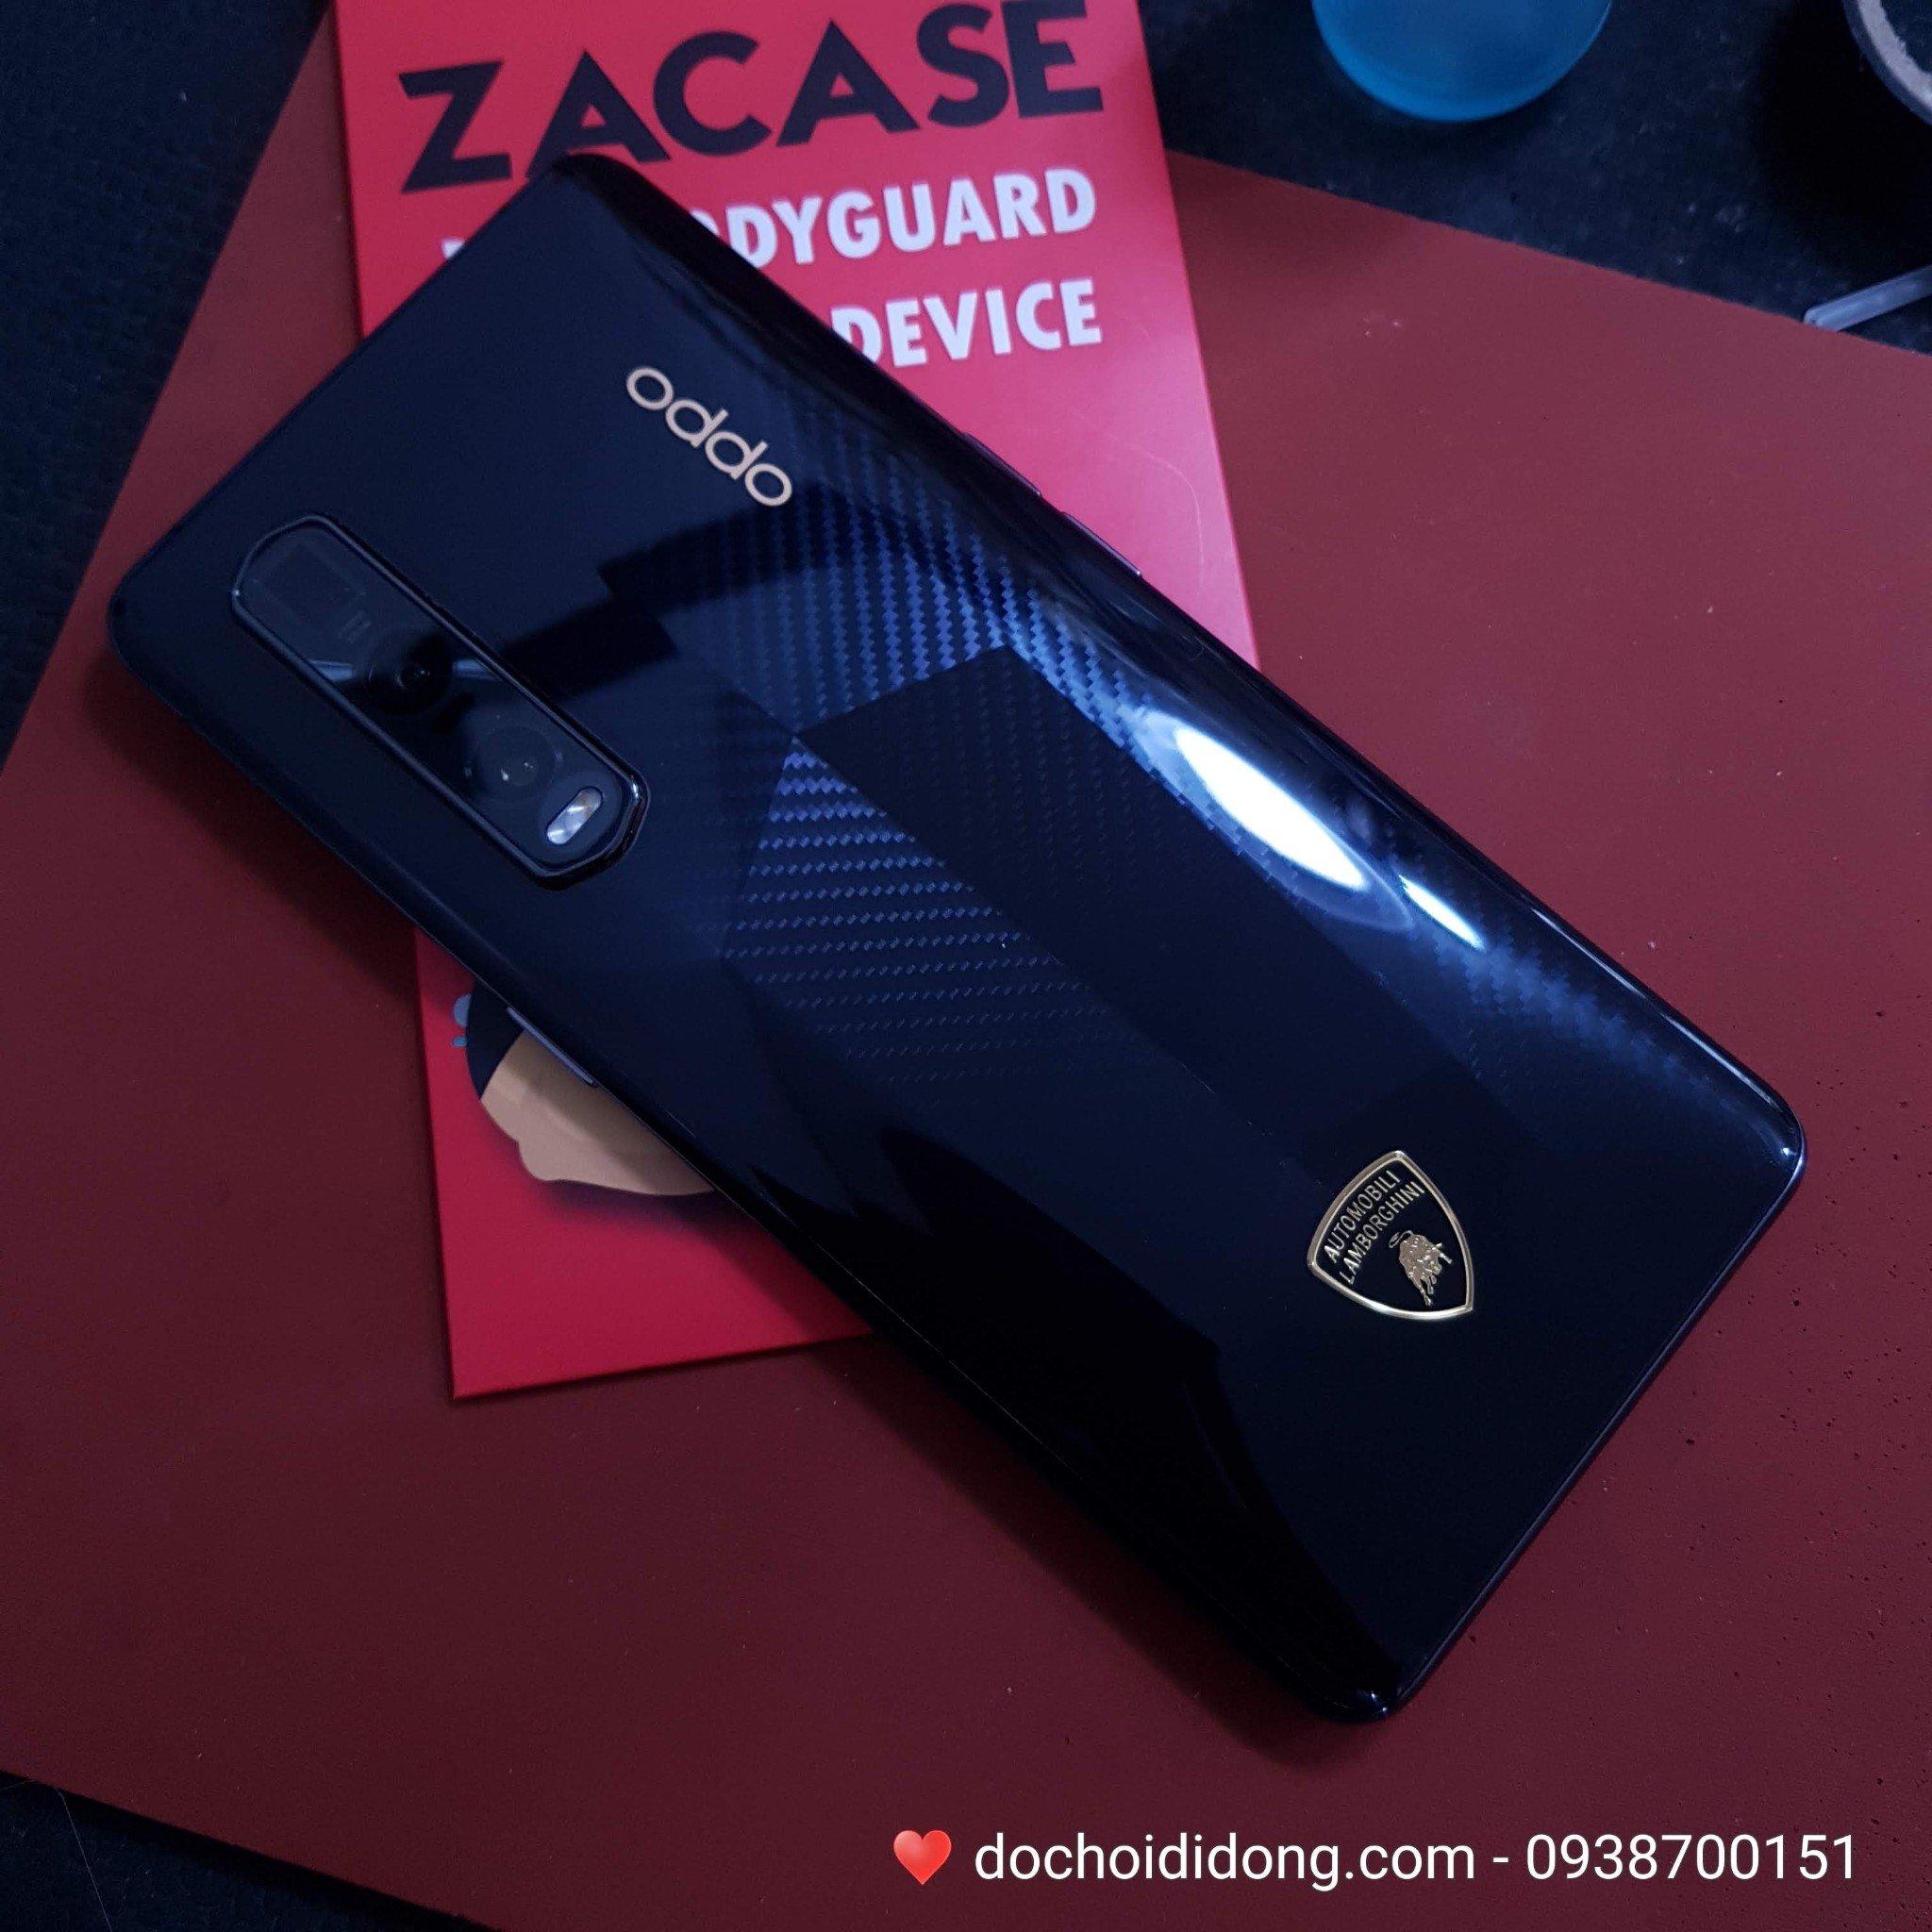 Miếng dán PPF Rock Oppo Find X2 Pro Lamborghini Edition trong, nhám, đổi màu cao cấp